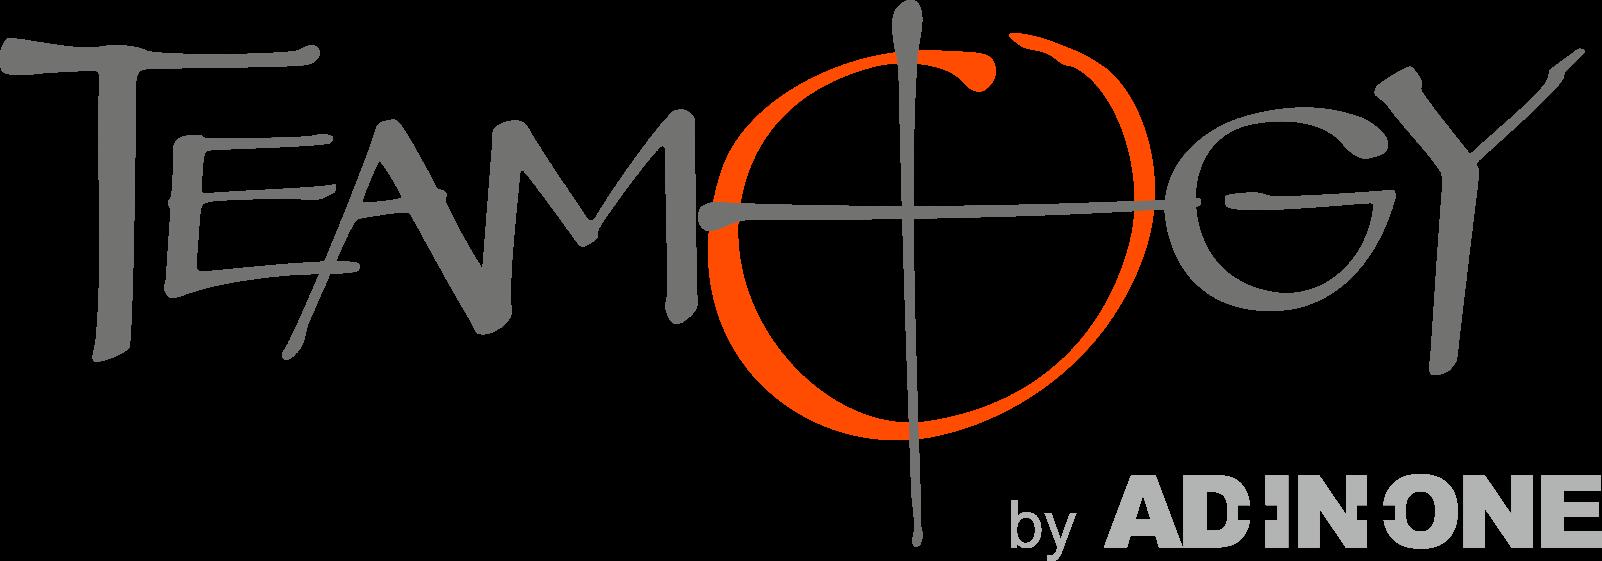 Teamogy logo